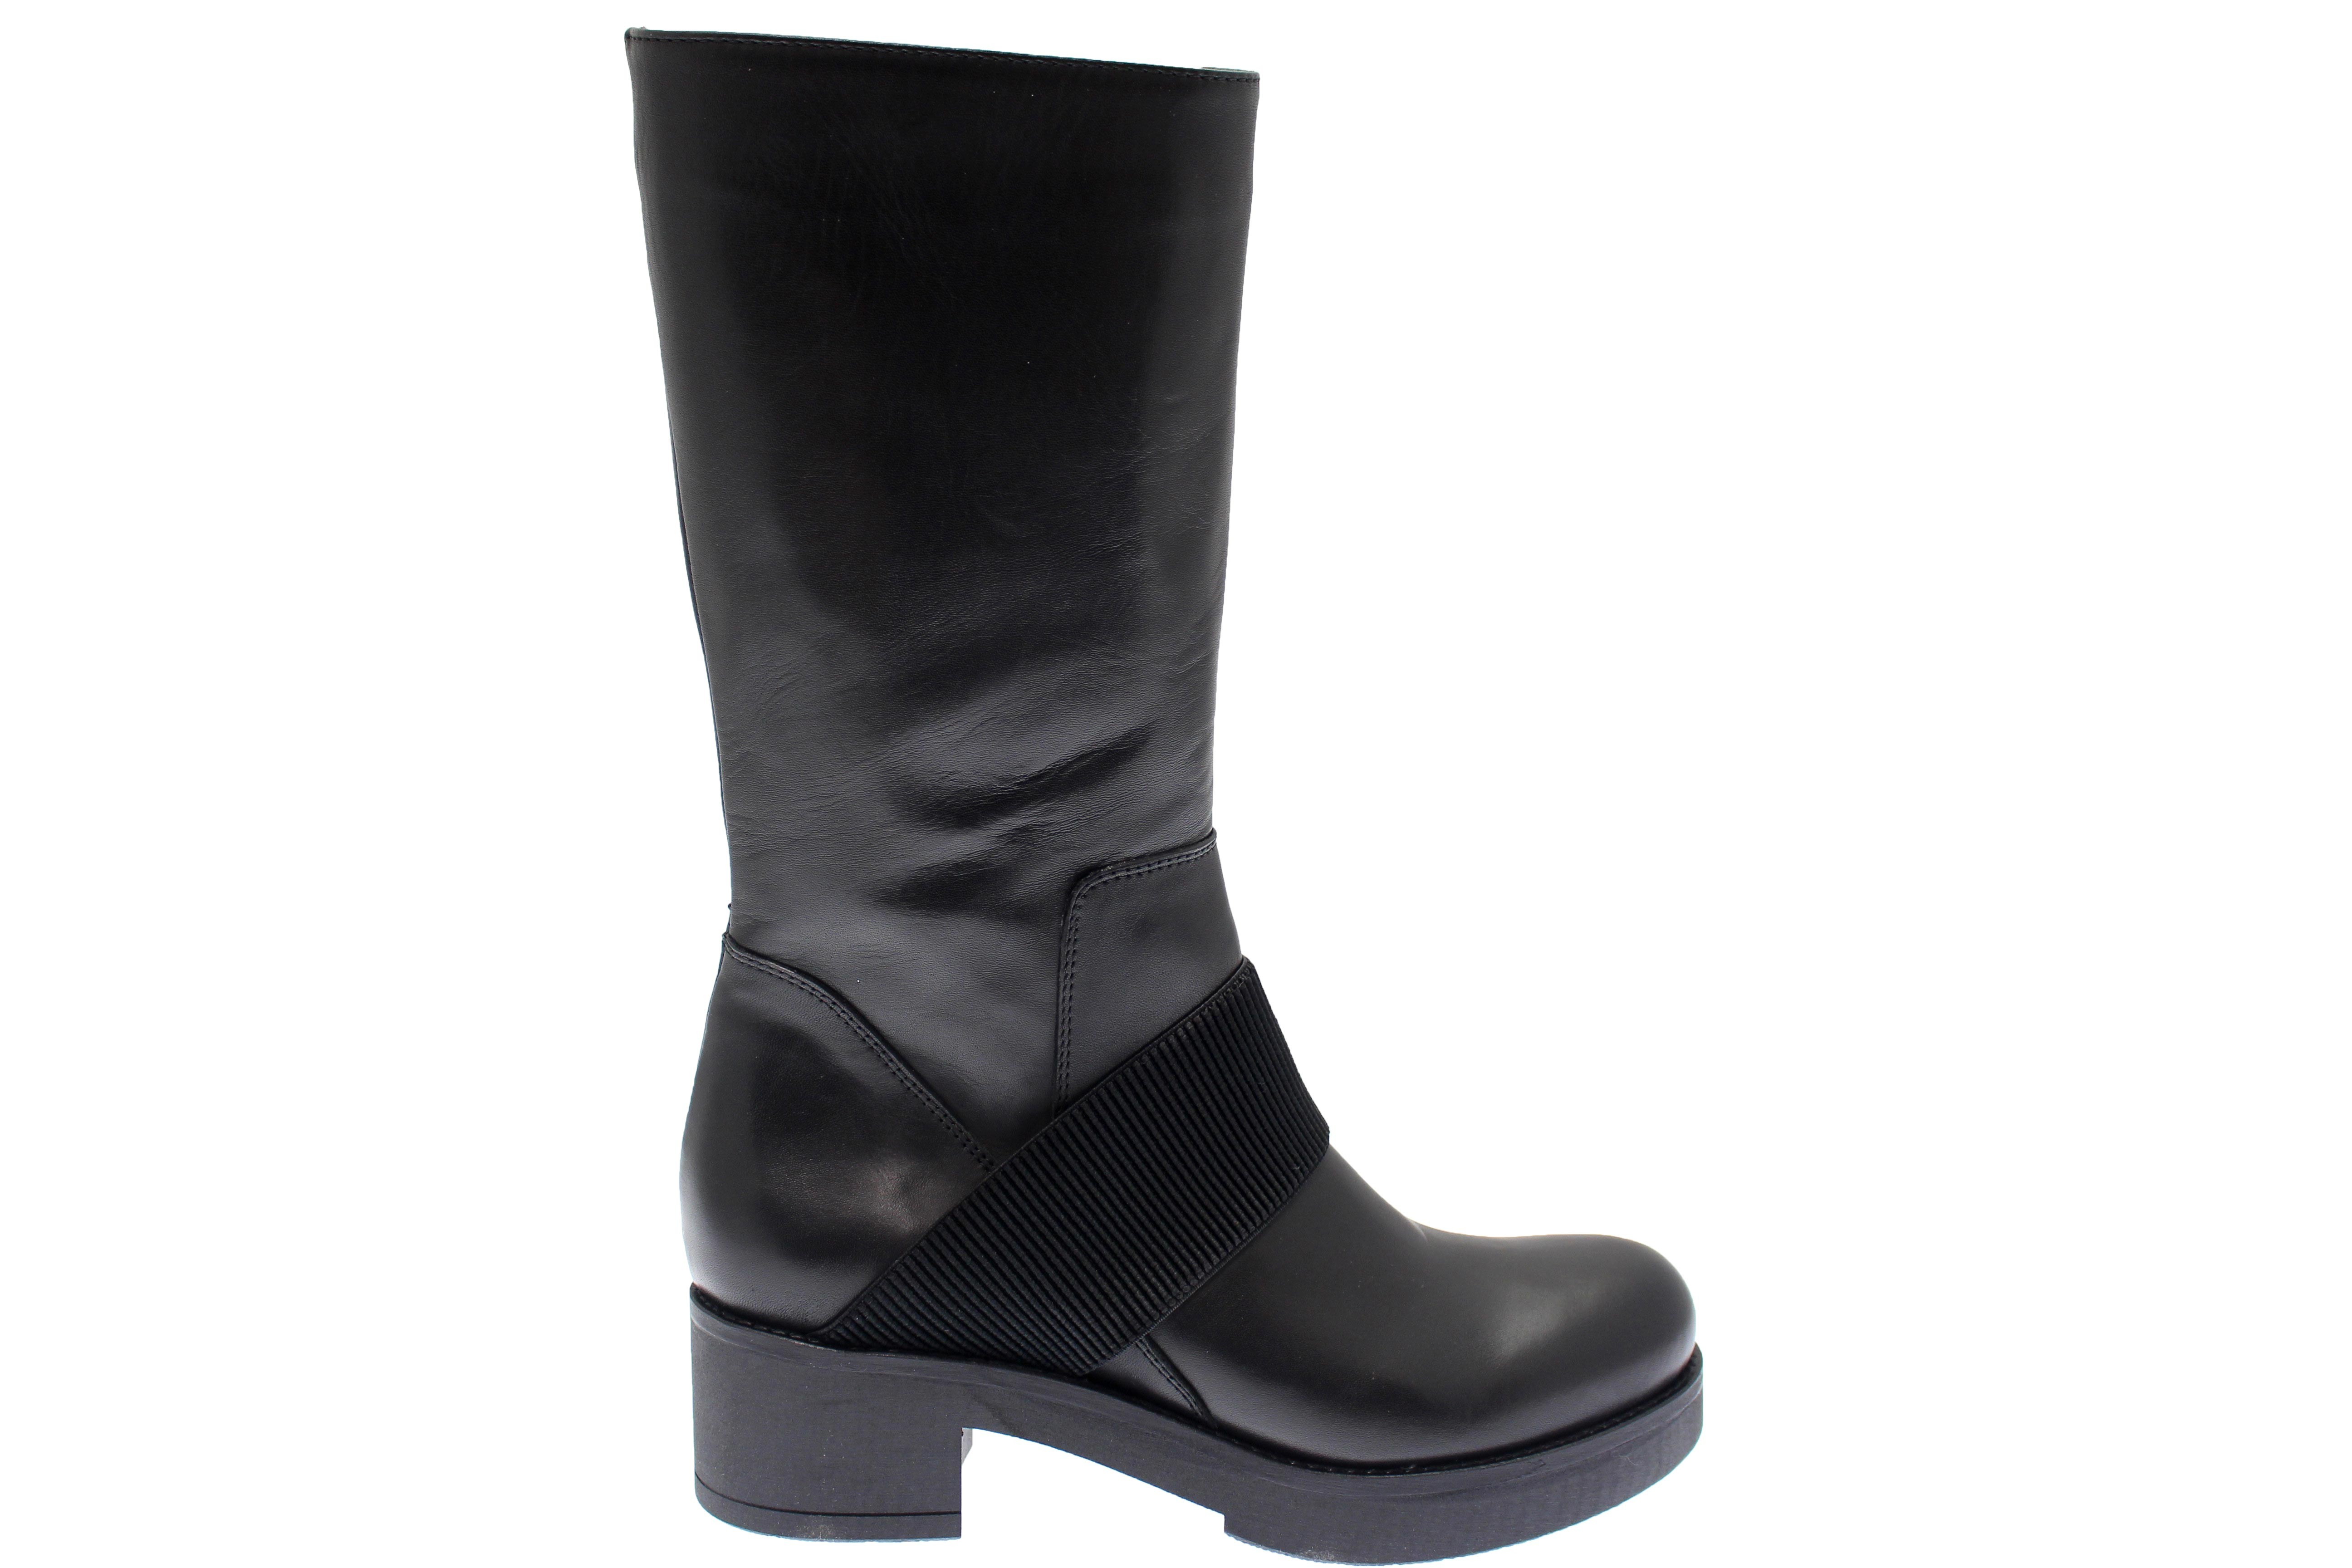 bottine à tige haute & bande élastique osmose shoes paris à prix doux